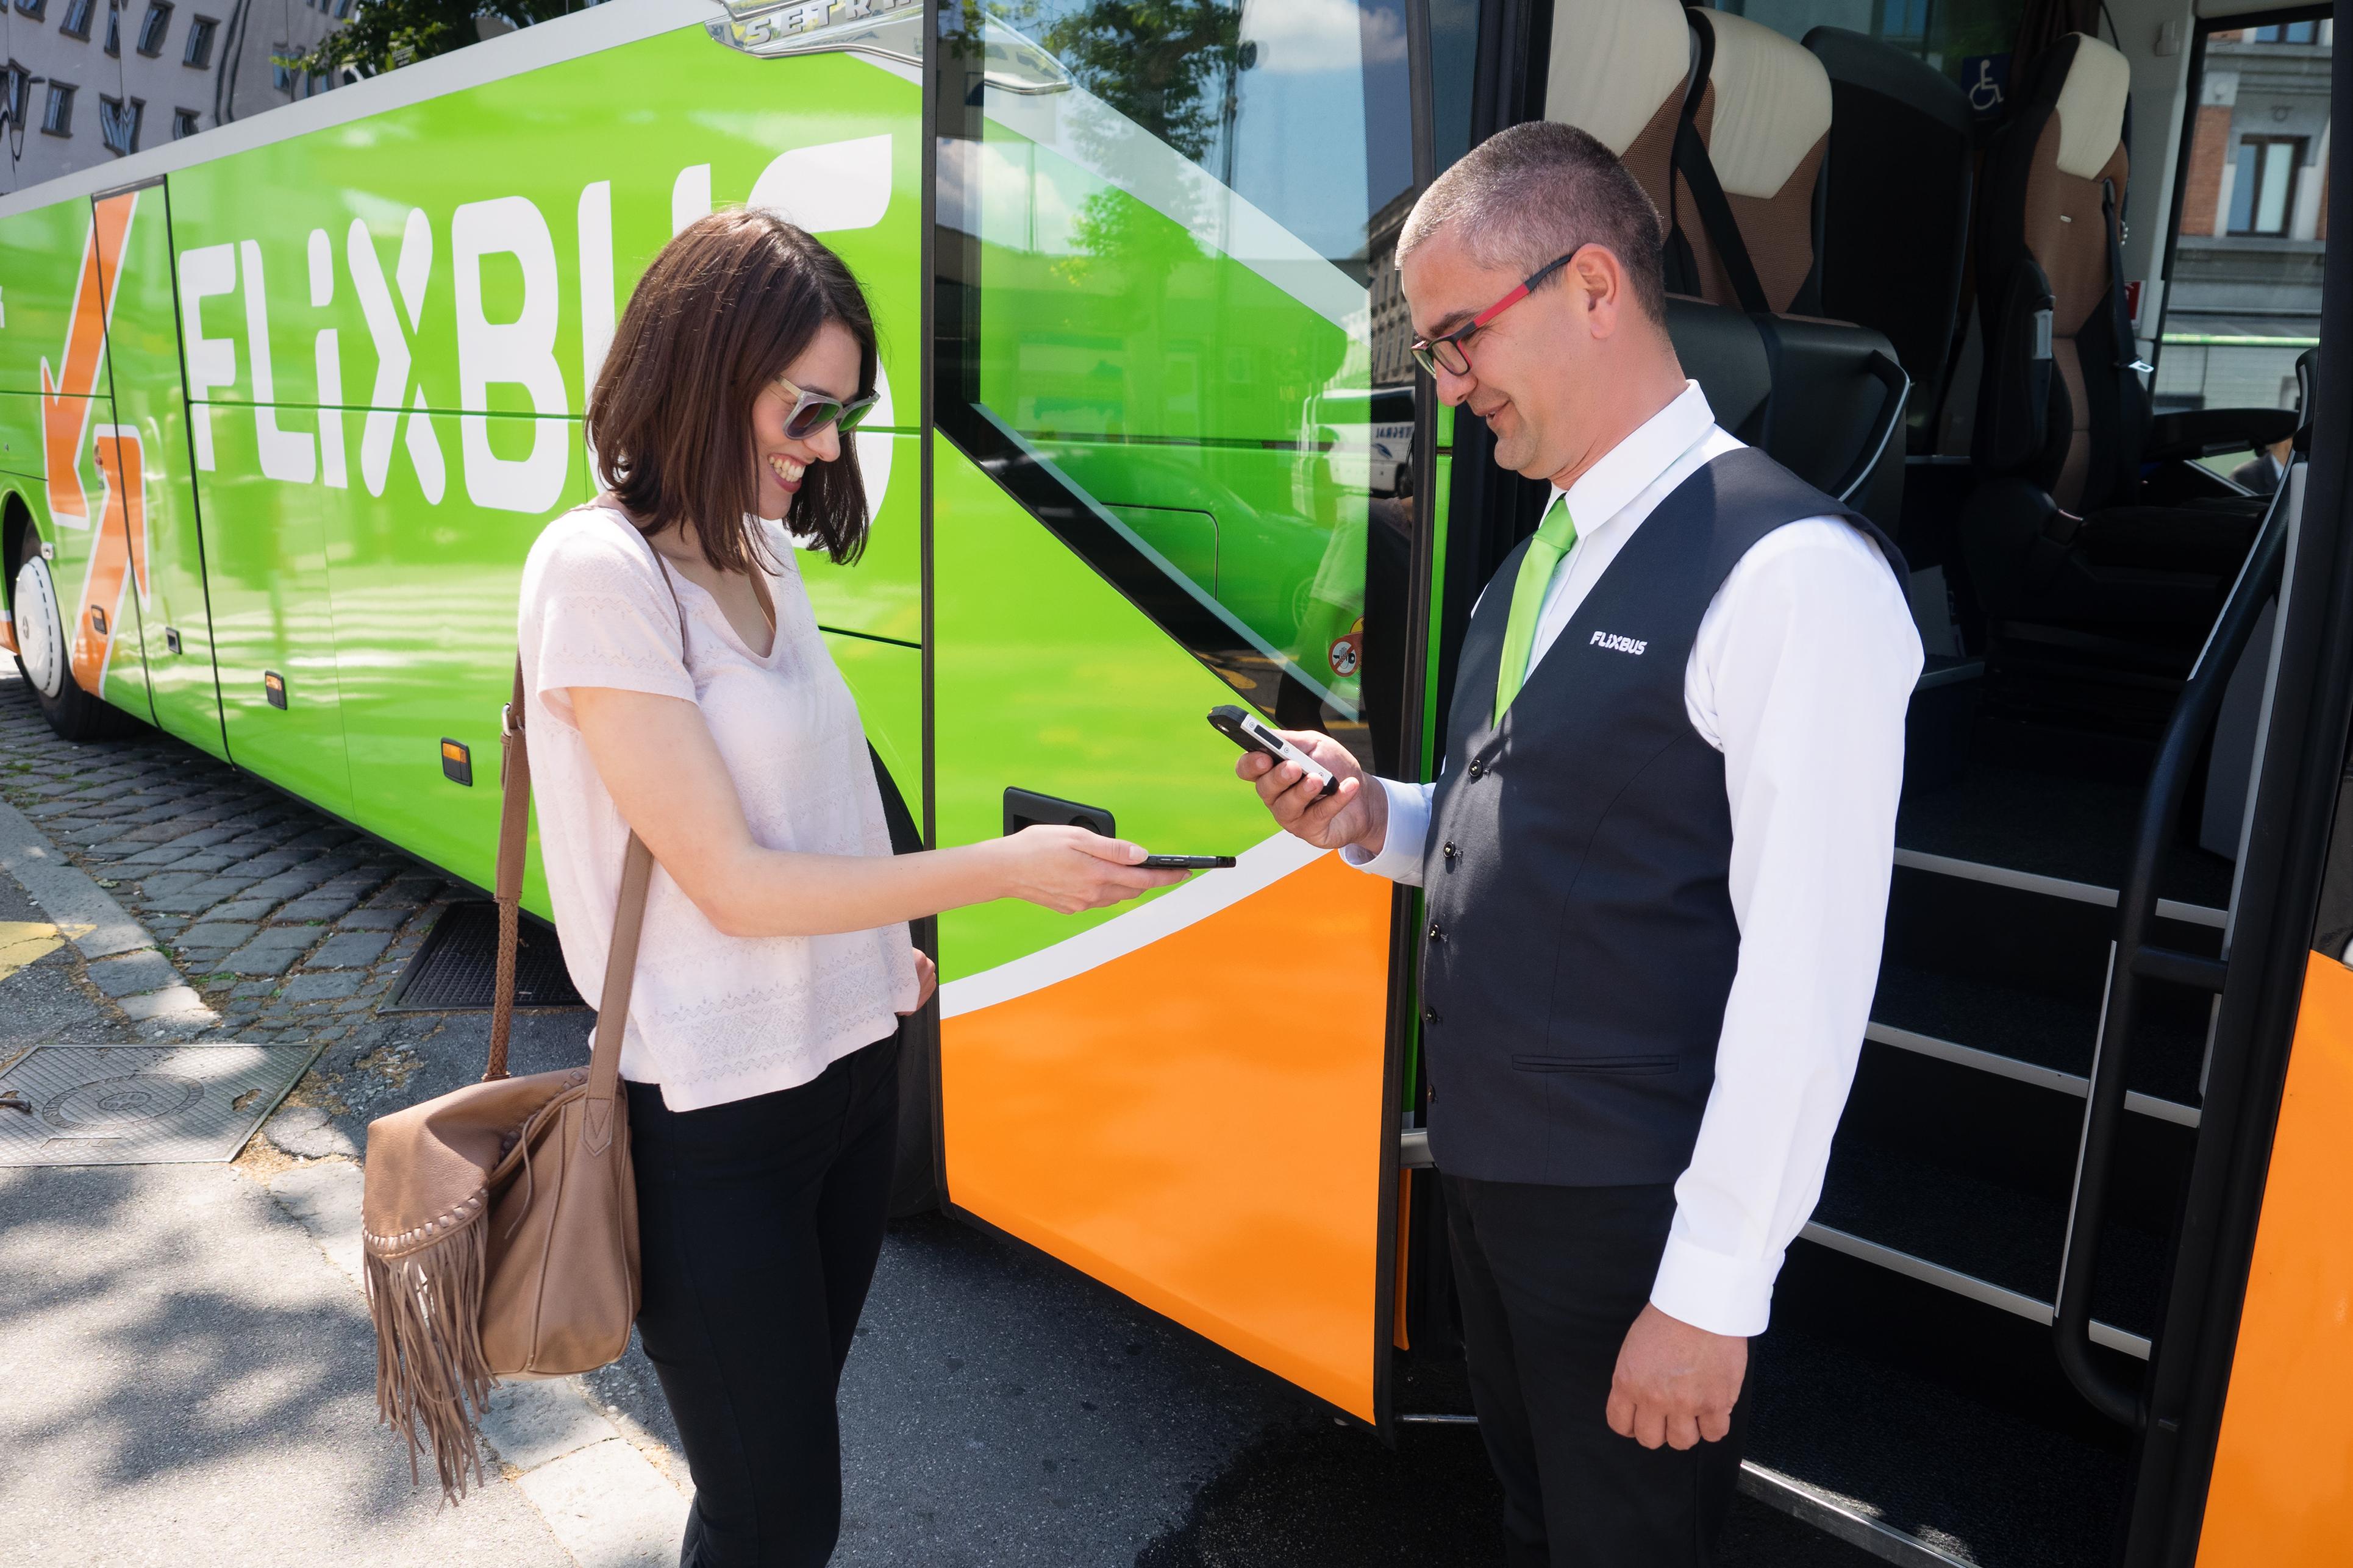 FlixBus come funziona?